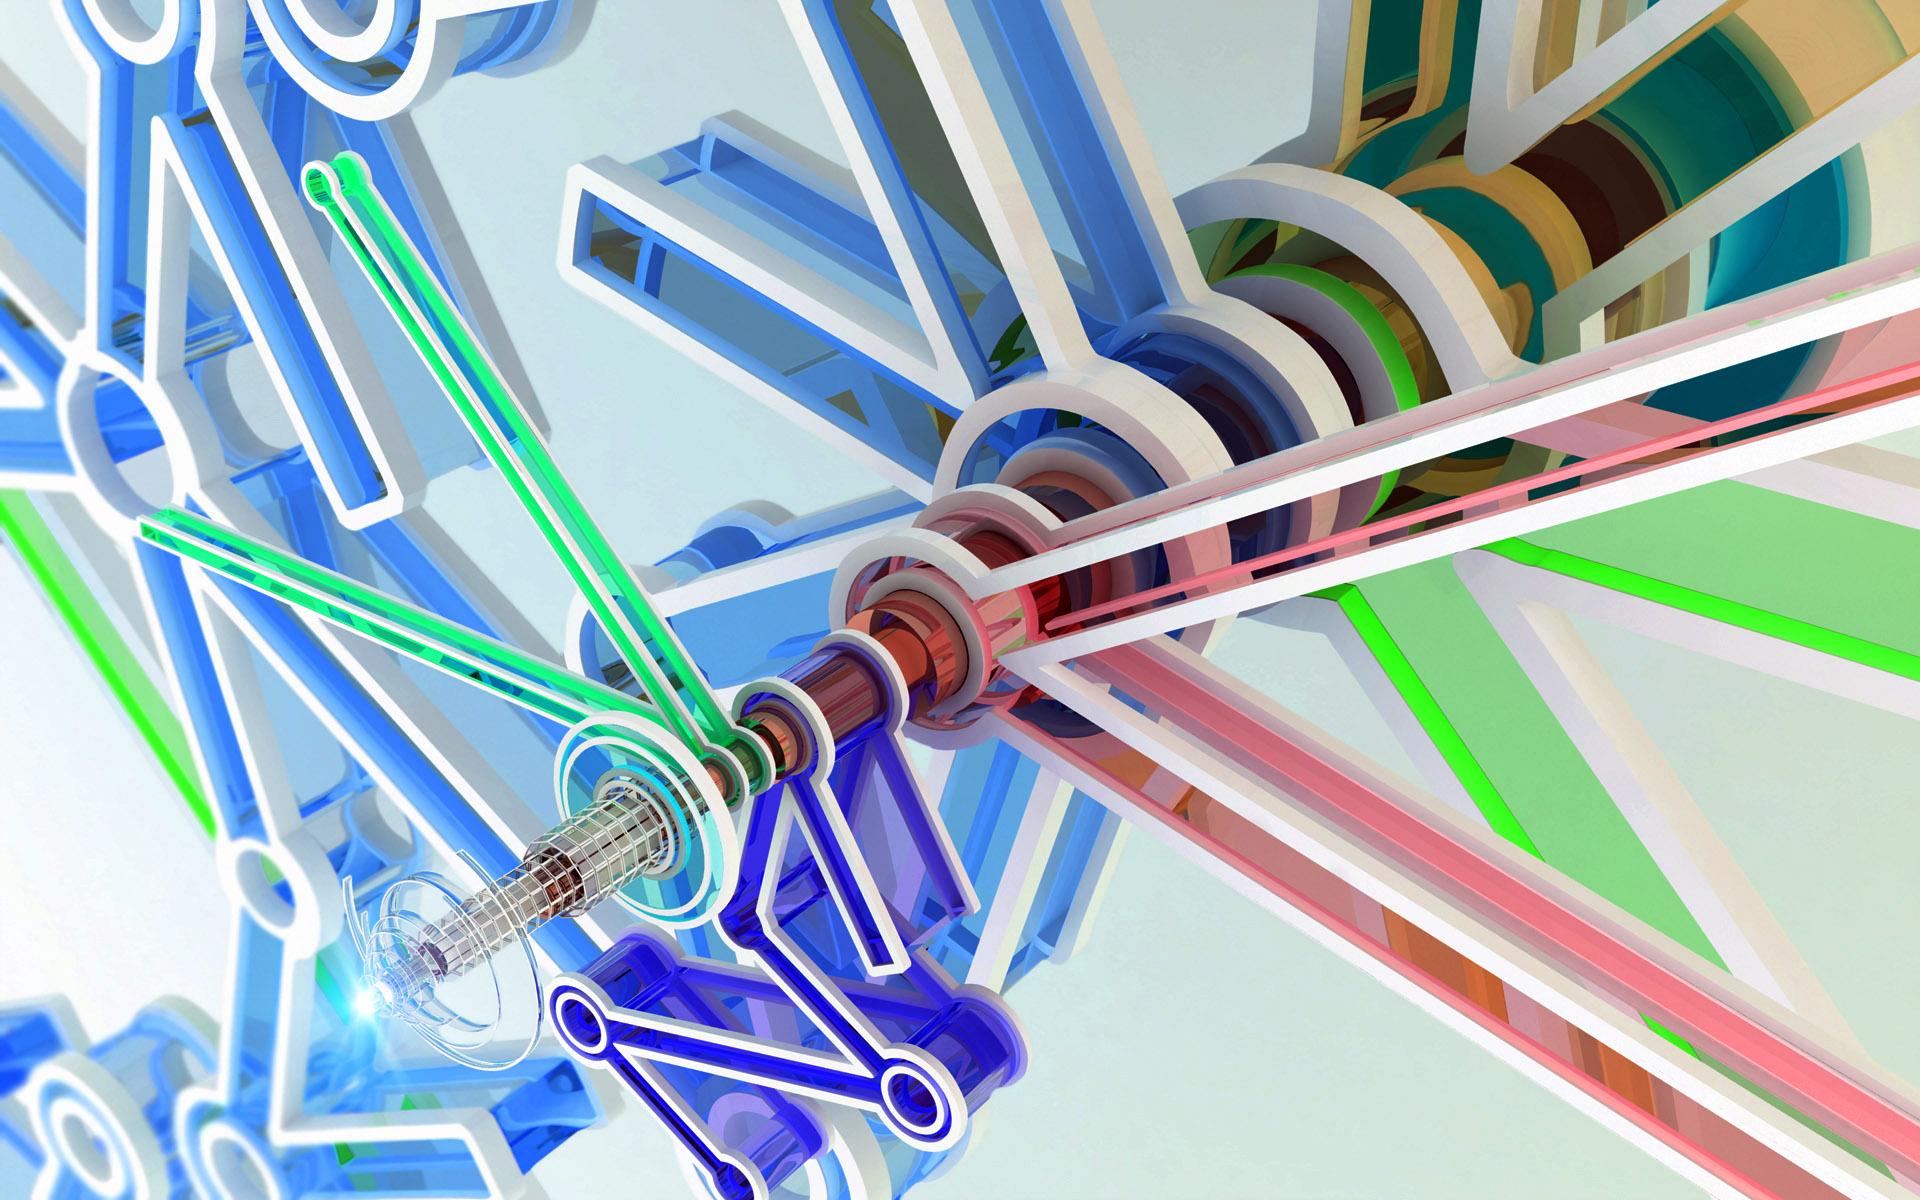 Abstract 3D Wallpaper 1   3D Photography Desktop Wallpapers 3649 1920x1200